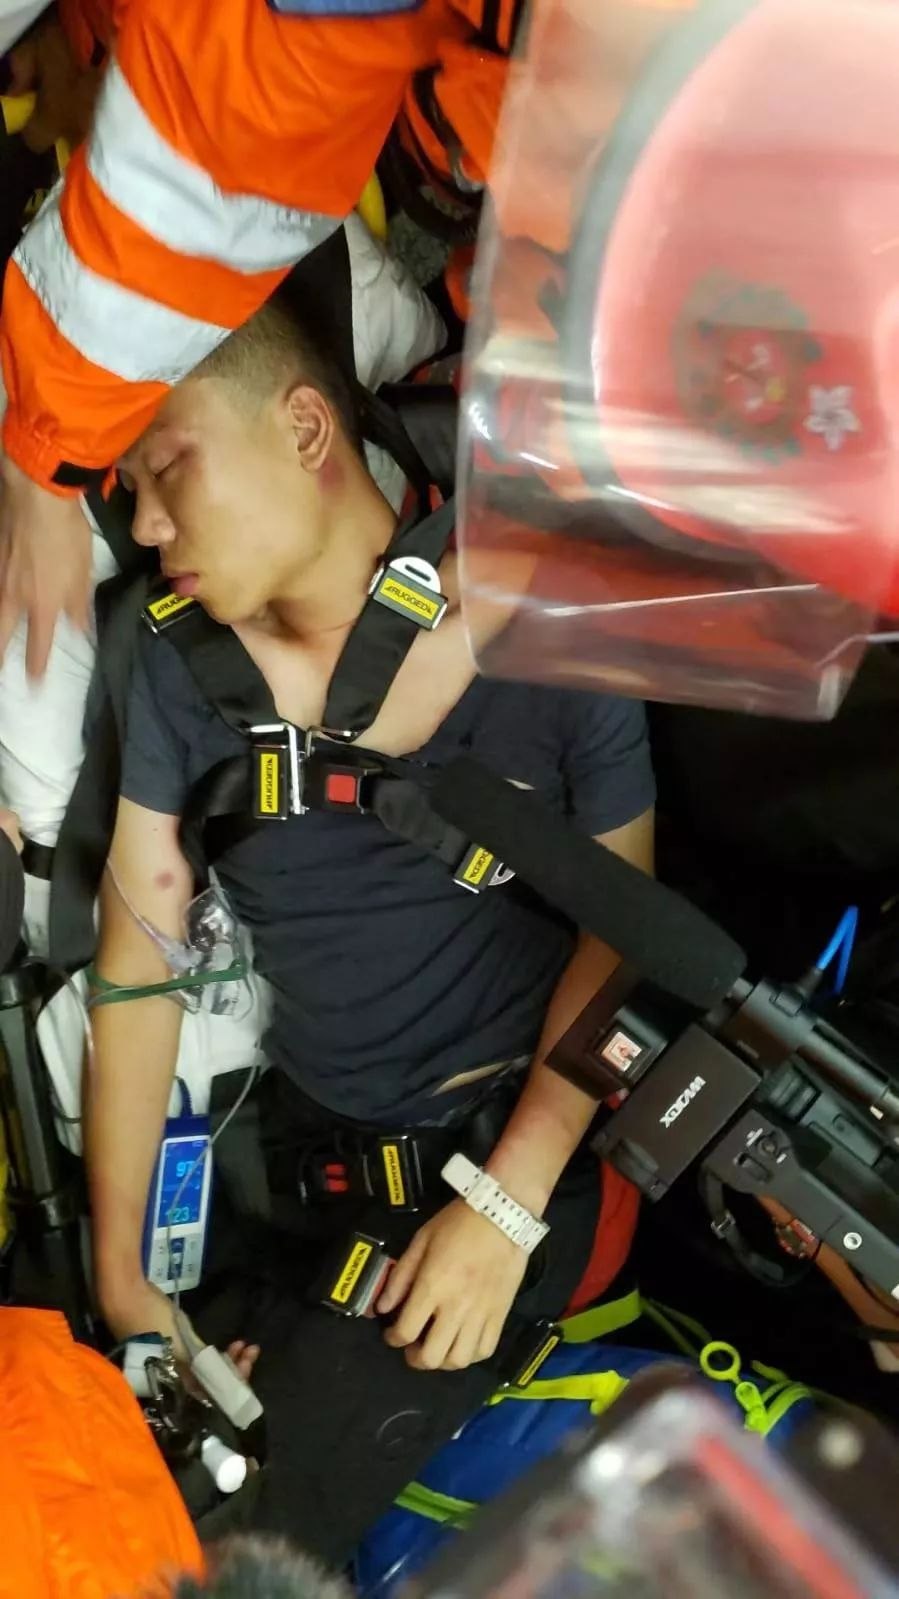 徐露颖说,13日晚,14日凌晨,在香港国际机场发生了骇人听闻的暴力事件